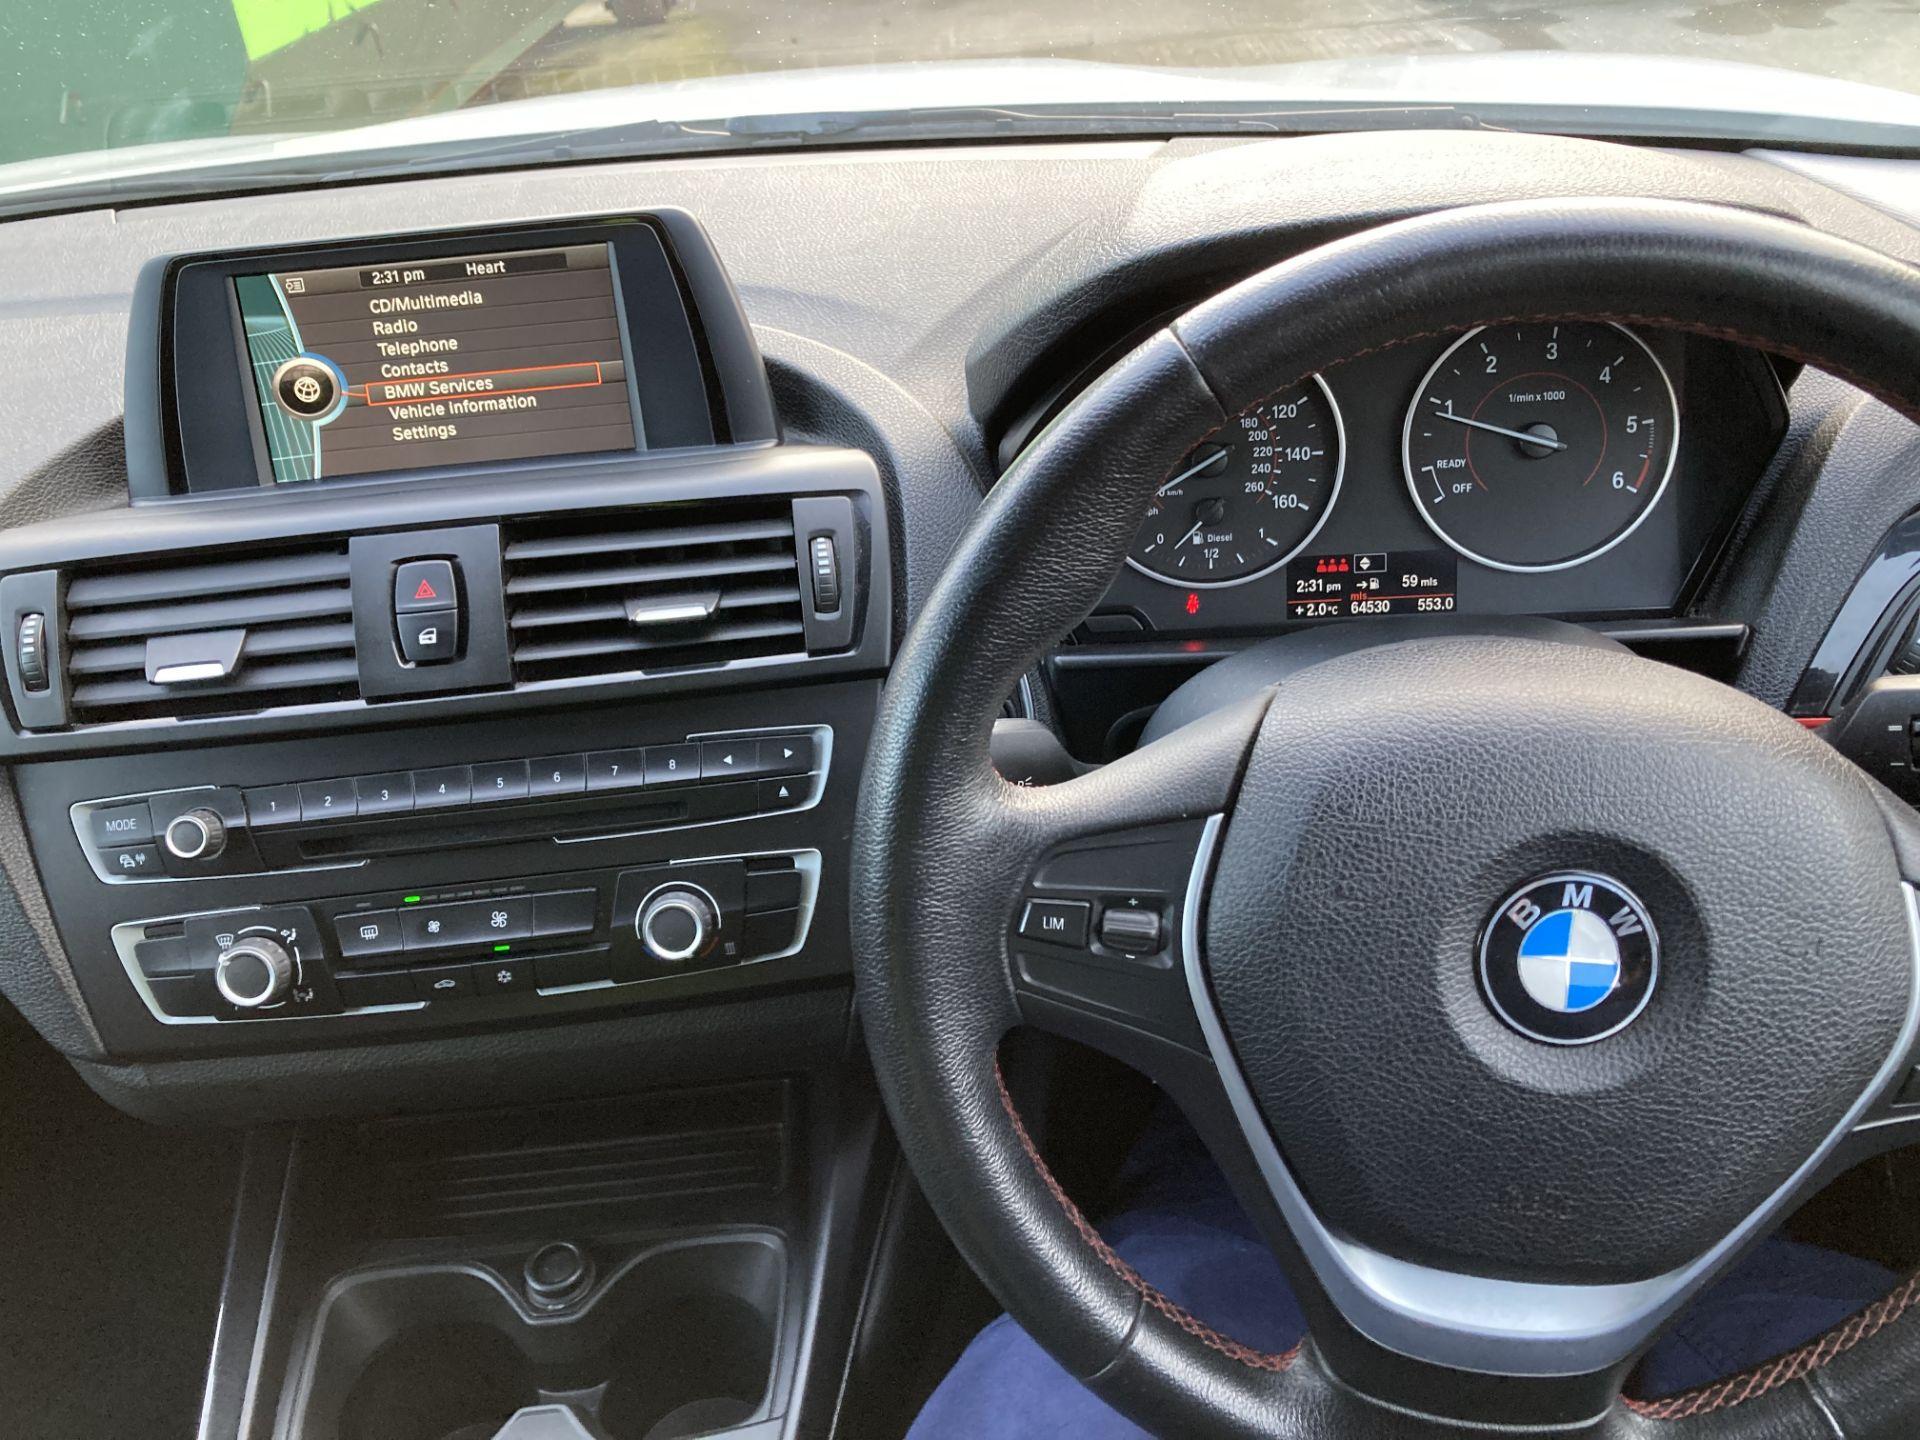 BMW 116D SPORT 2.0 (1995cc) 5 door hatchback - diesel - white Reg. No: YF12 YRZ Rec. - Image 14 of 19